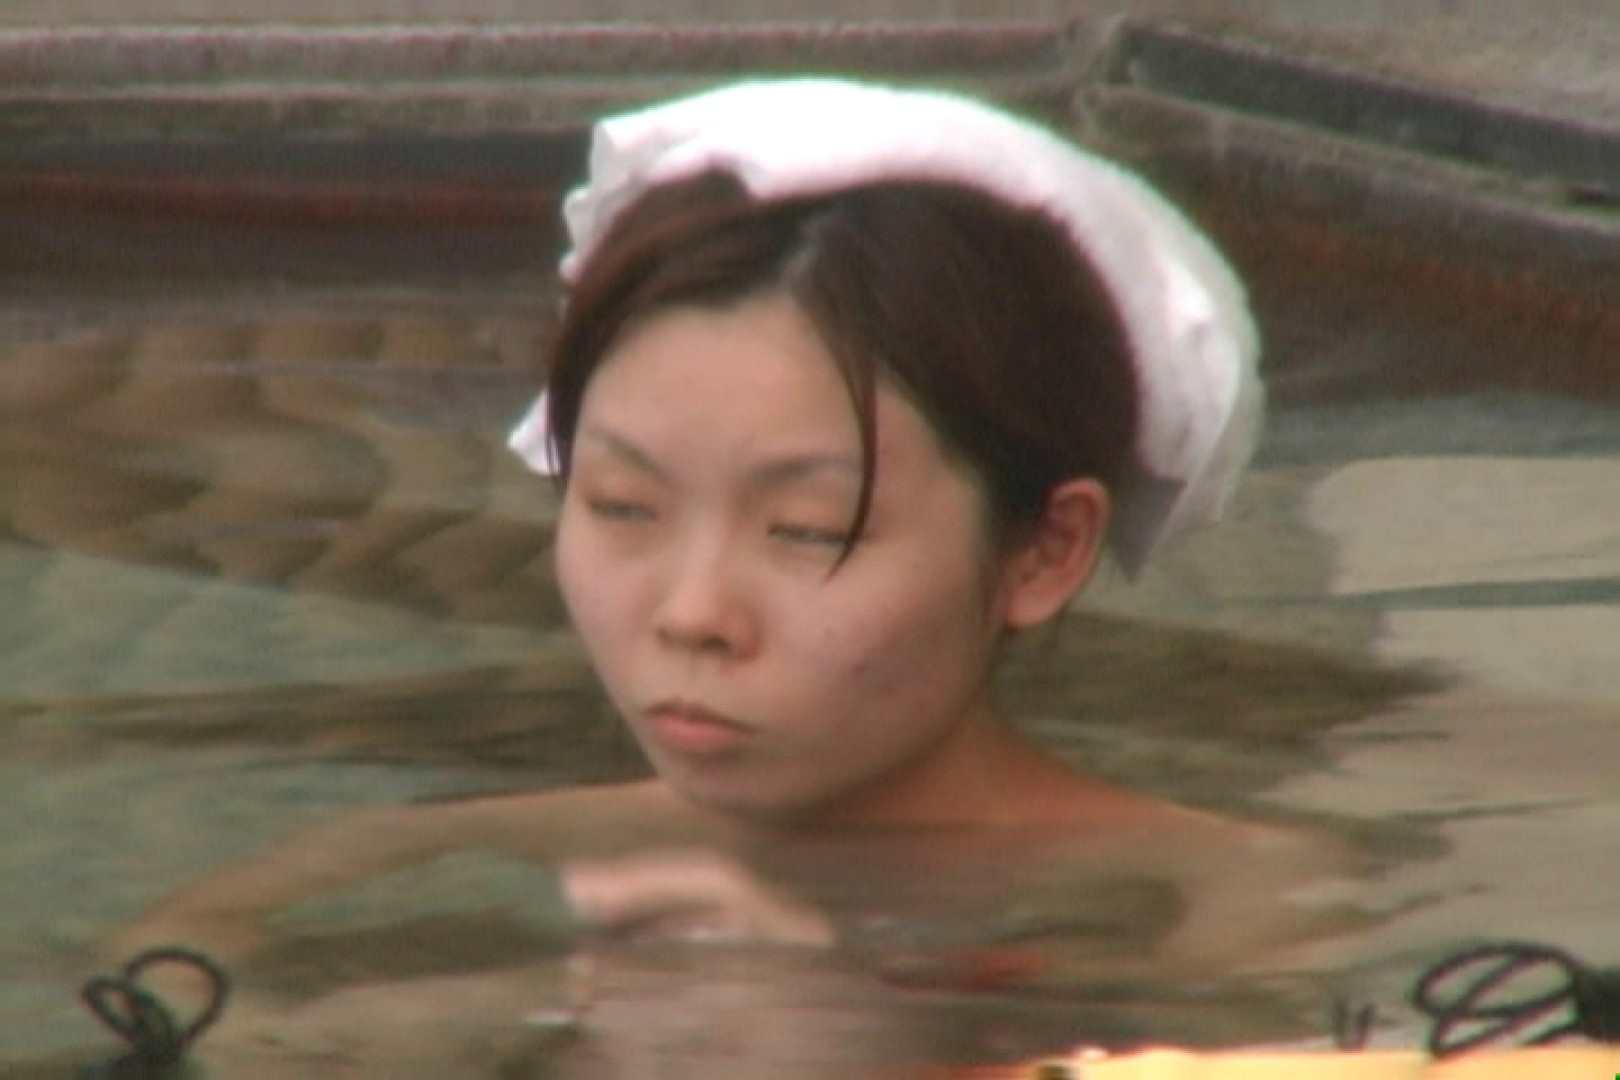 Aquaな露天風呂Vol.580 0   0  103pic 9